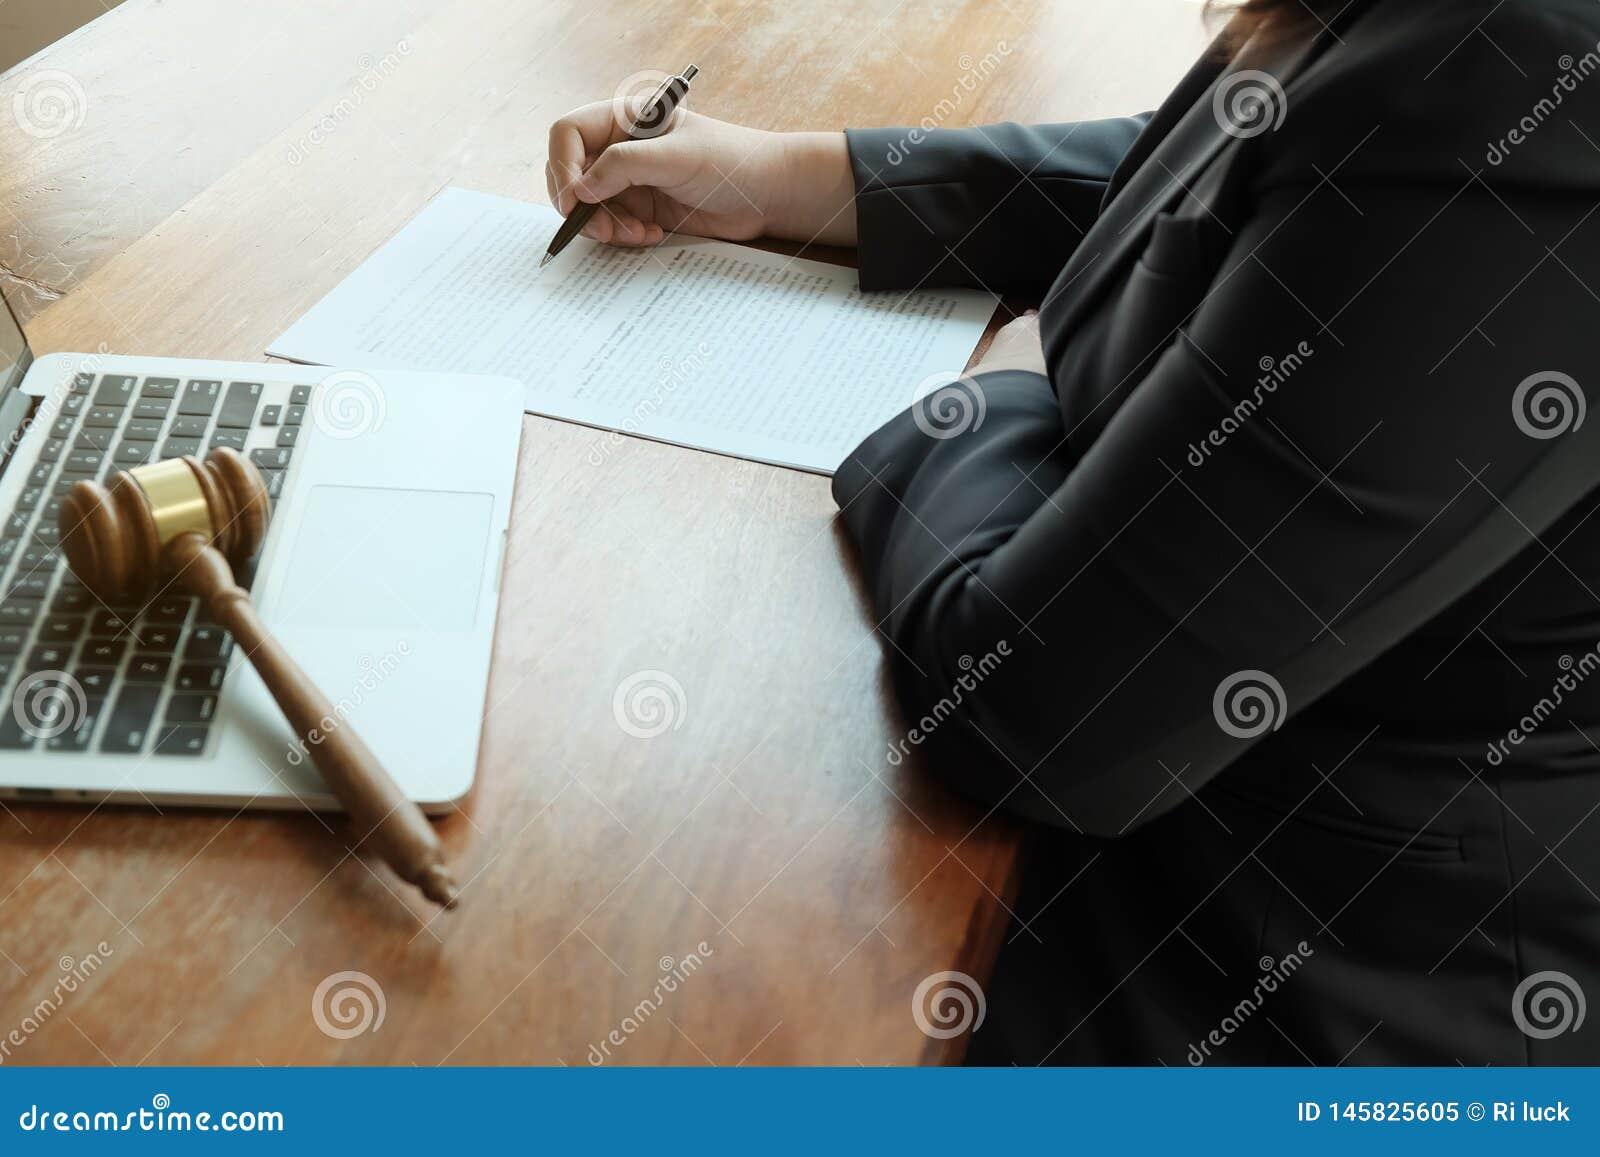 Ο νομικός σύμβουλος παρουσιάζει στον πελάτη μια υπογεγραμμένη σύμβαση με gavel και το νομικό νόμο